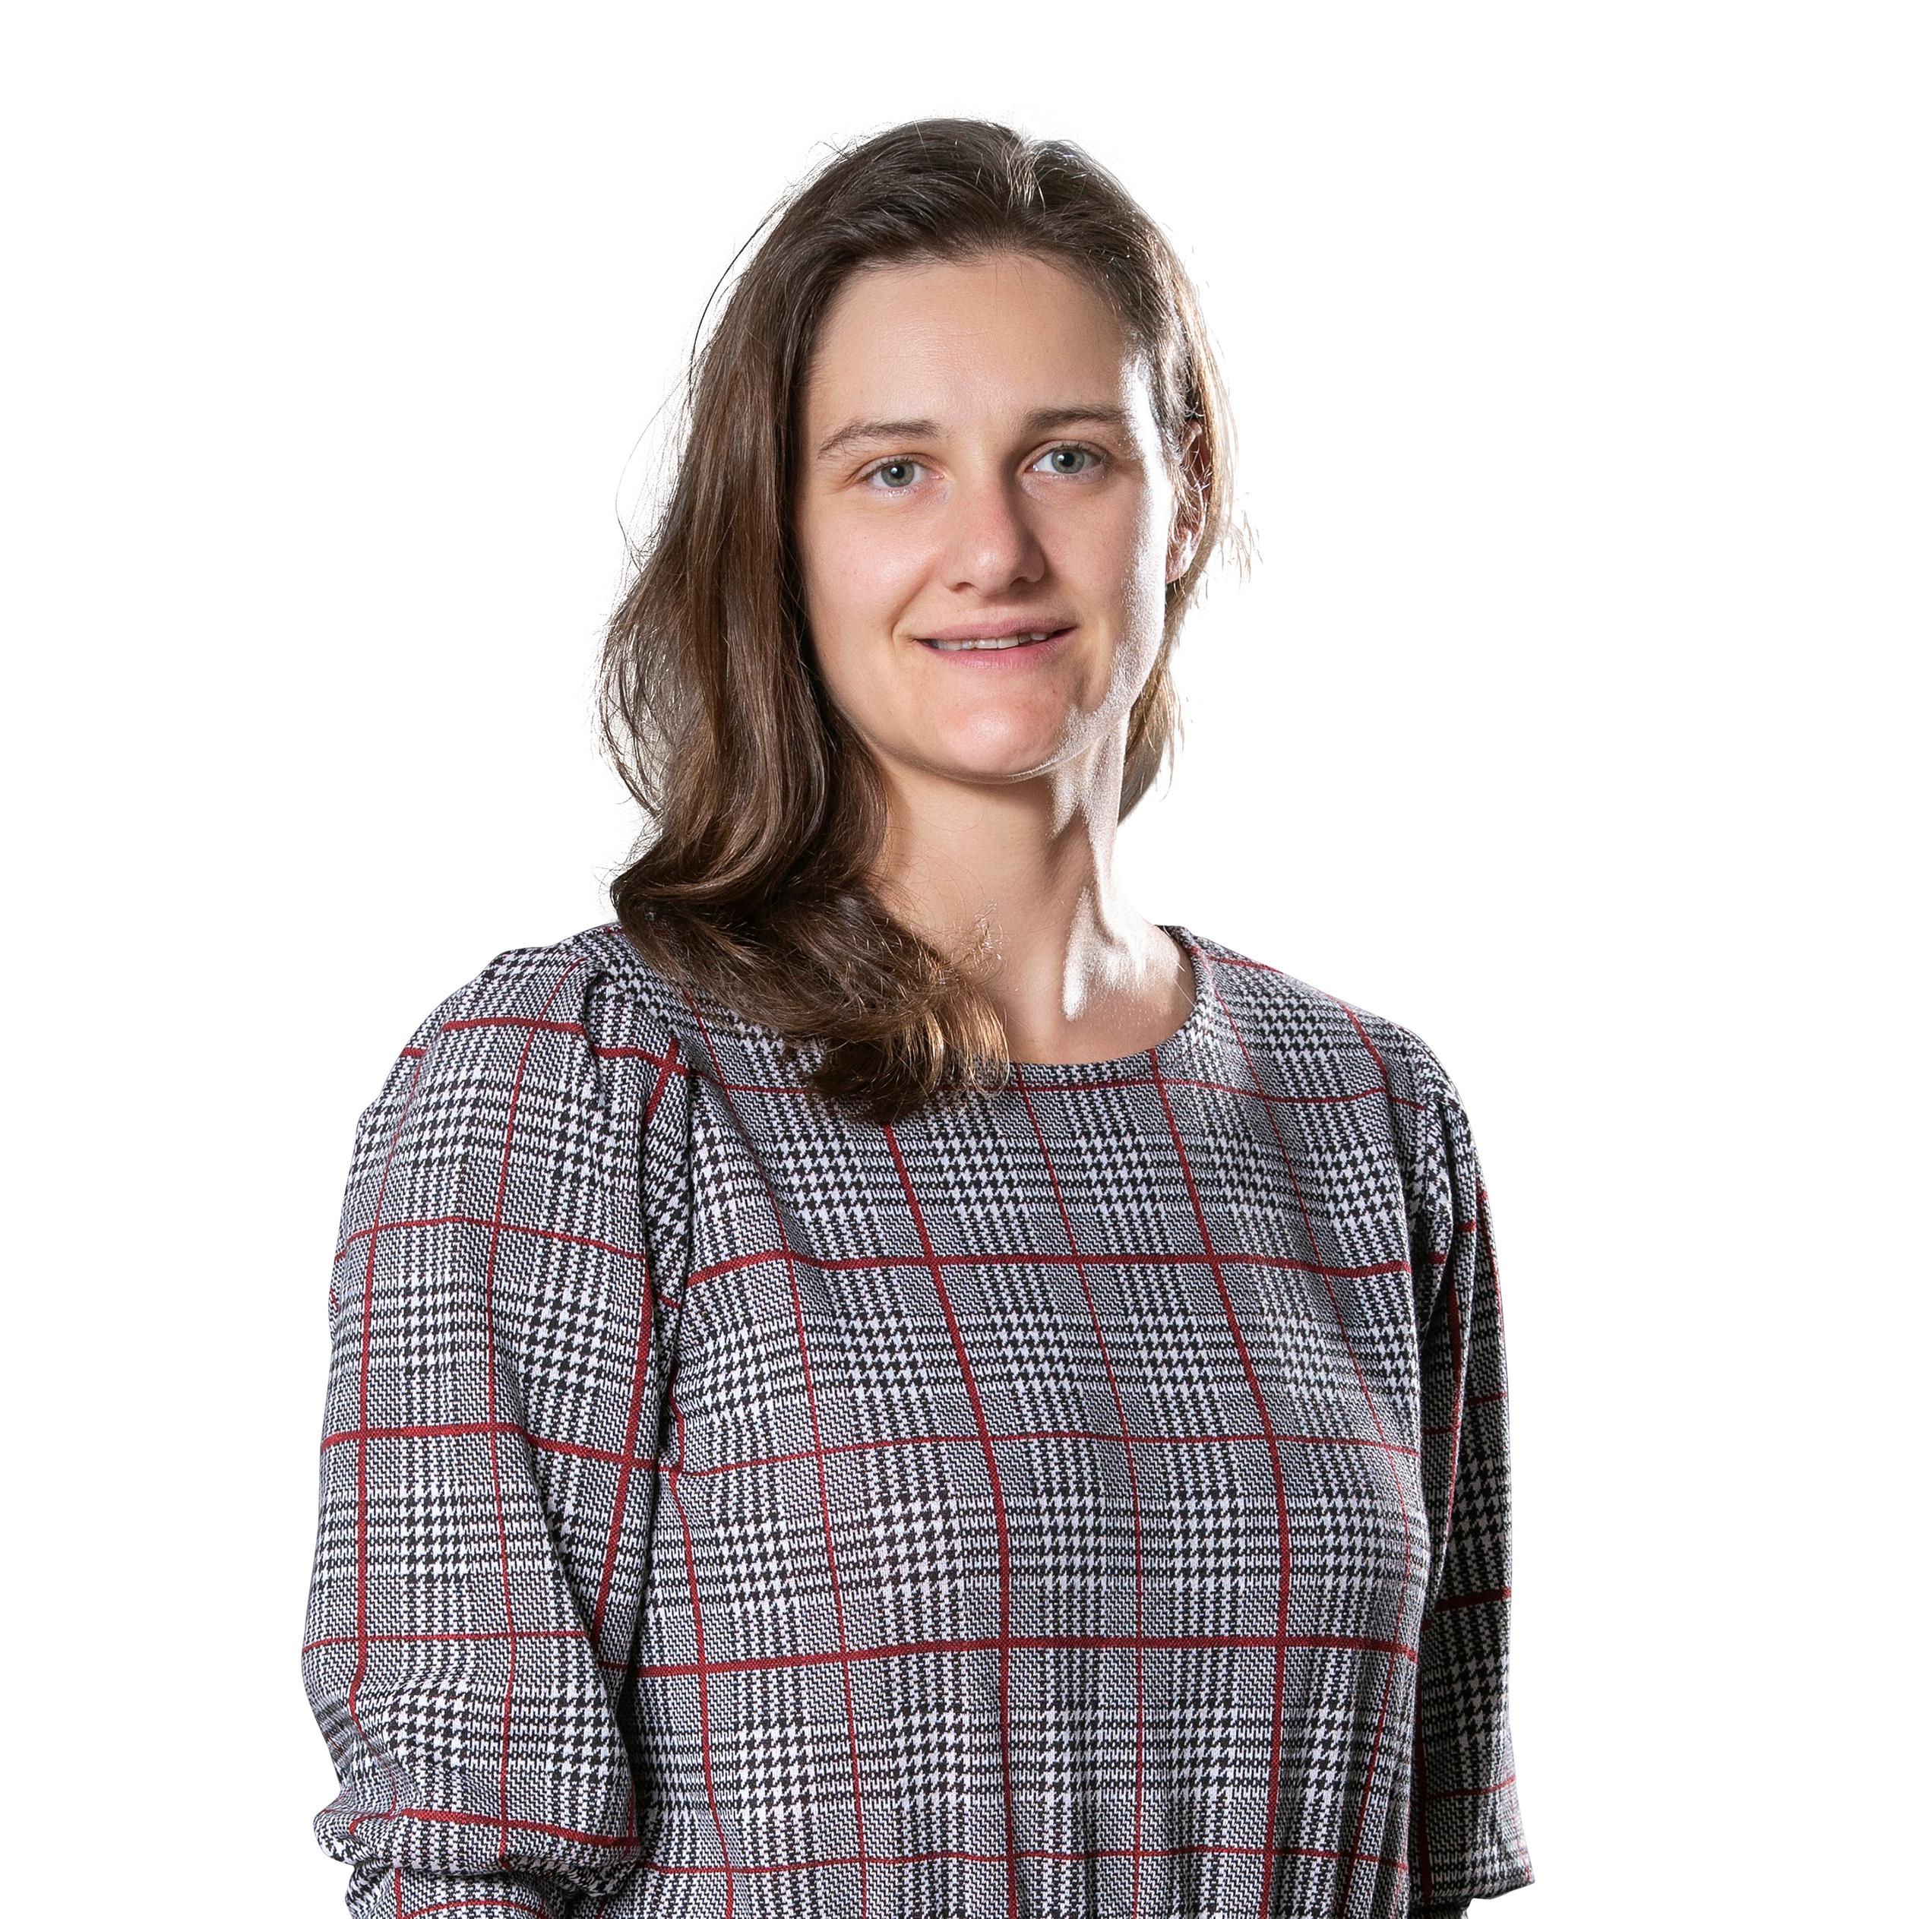 Nicole Urschinger